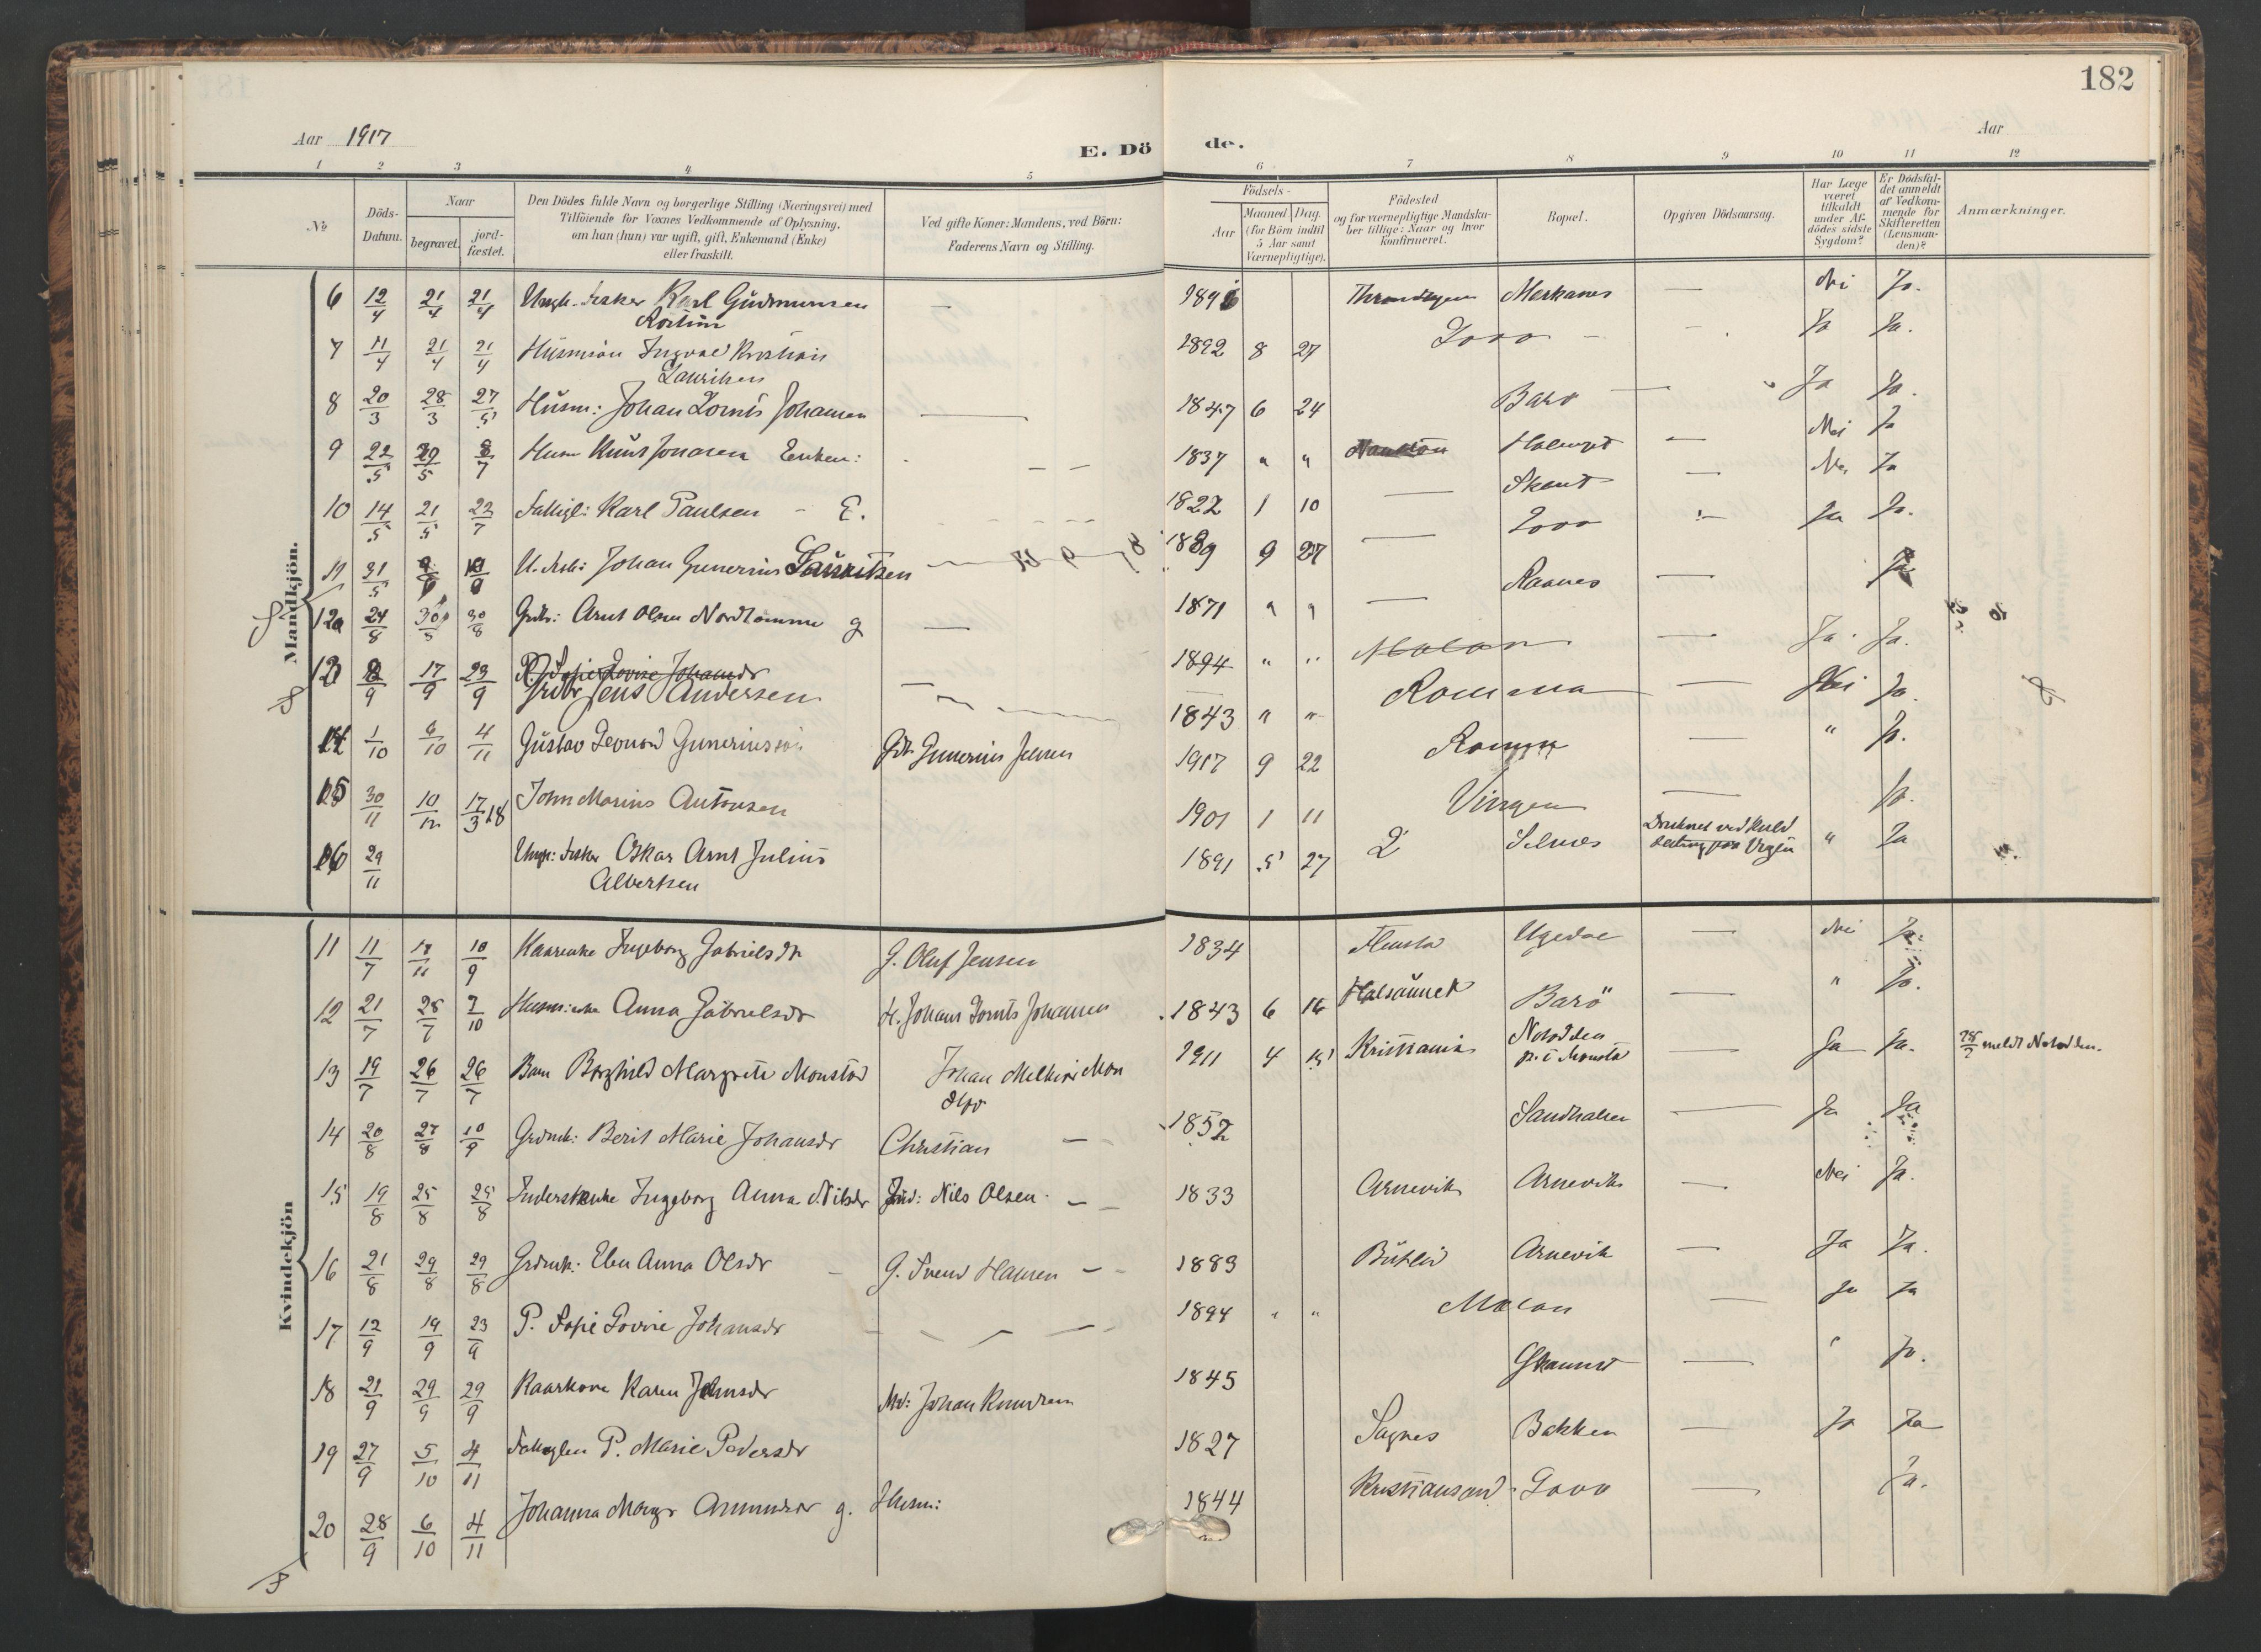 SAT, Ministerialprotokoller, klokkerbøker og fødselsregistre - Sør-Trøndelag, 655/L0682: Ministerialbok nr. 655A11, 1908-1922, s. 182